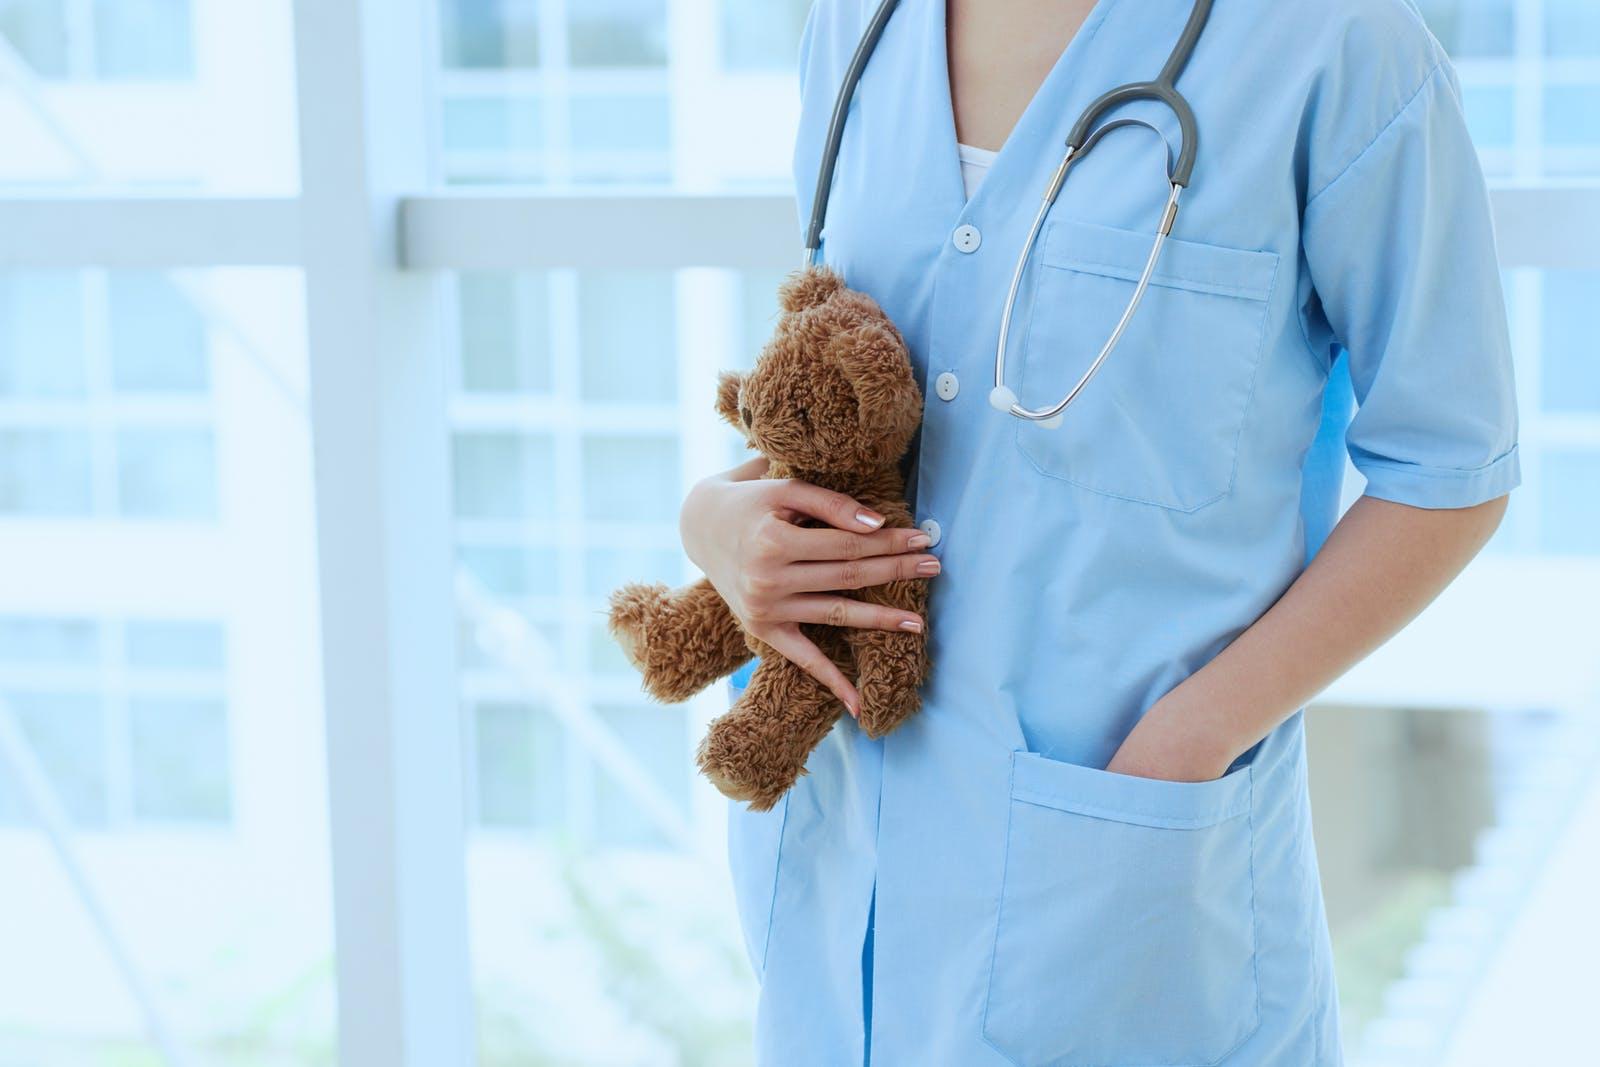 картинки врачей для презентации педиатрия несмотря гигантские